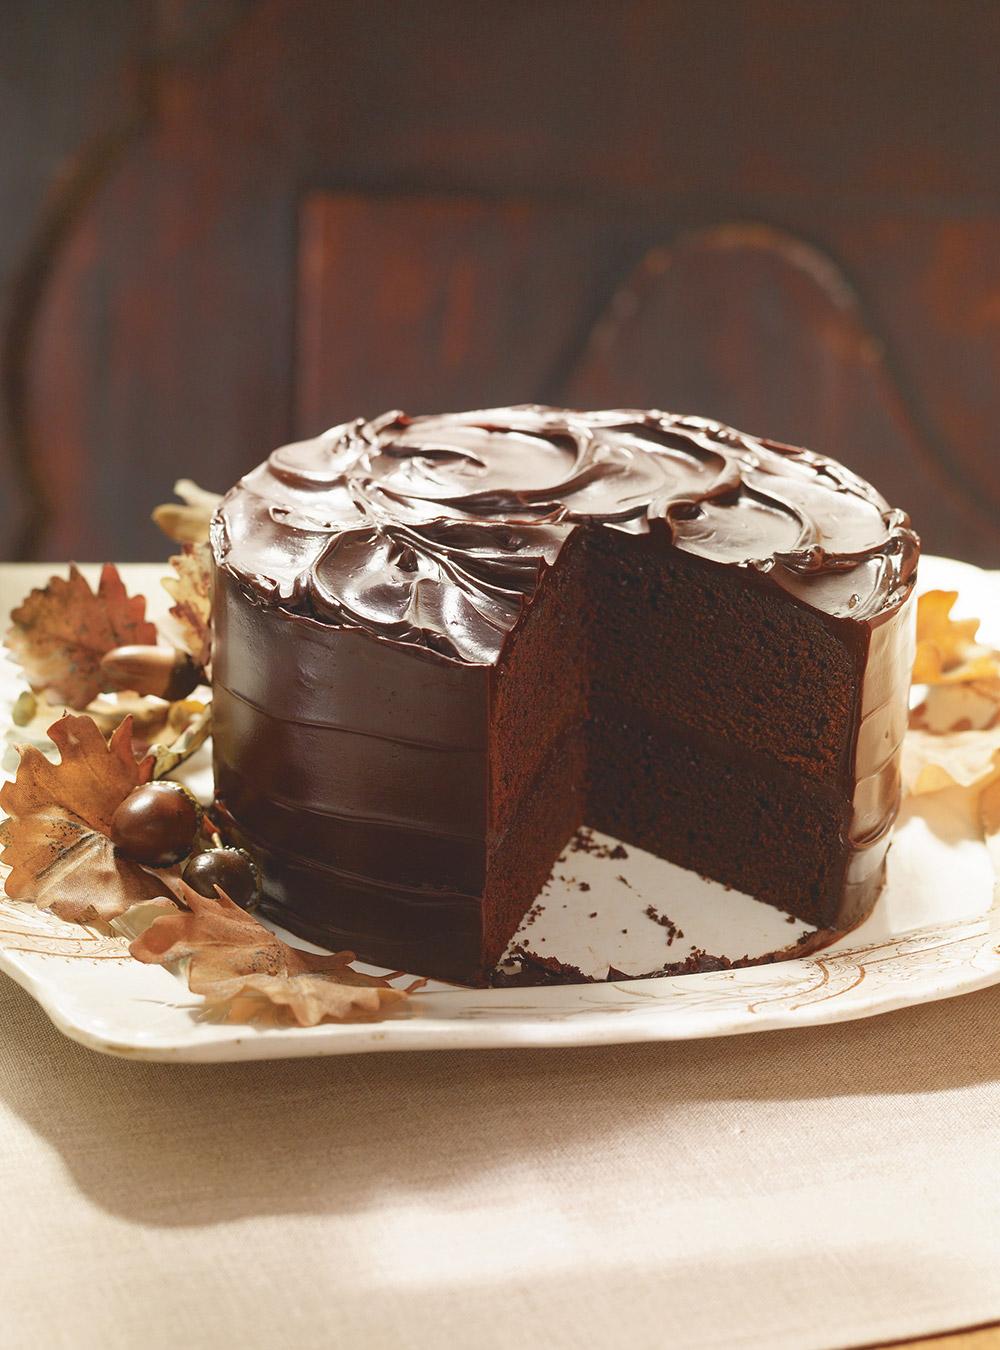 Ricardo gateau banane double chocolat  Secrets culinaires gteaux et ptisseries blog photo